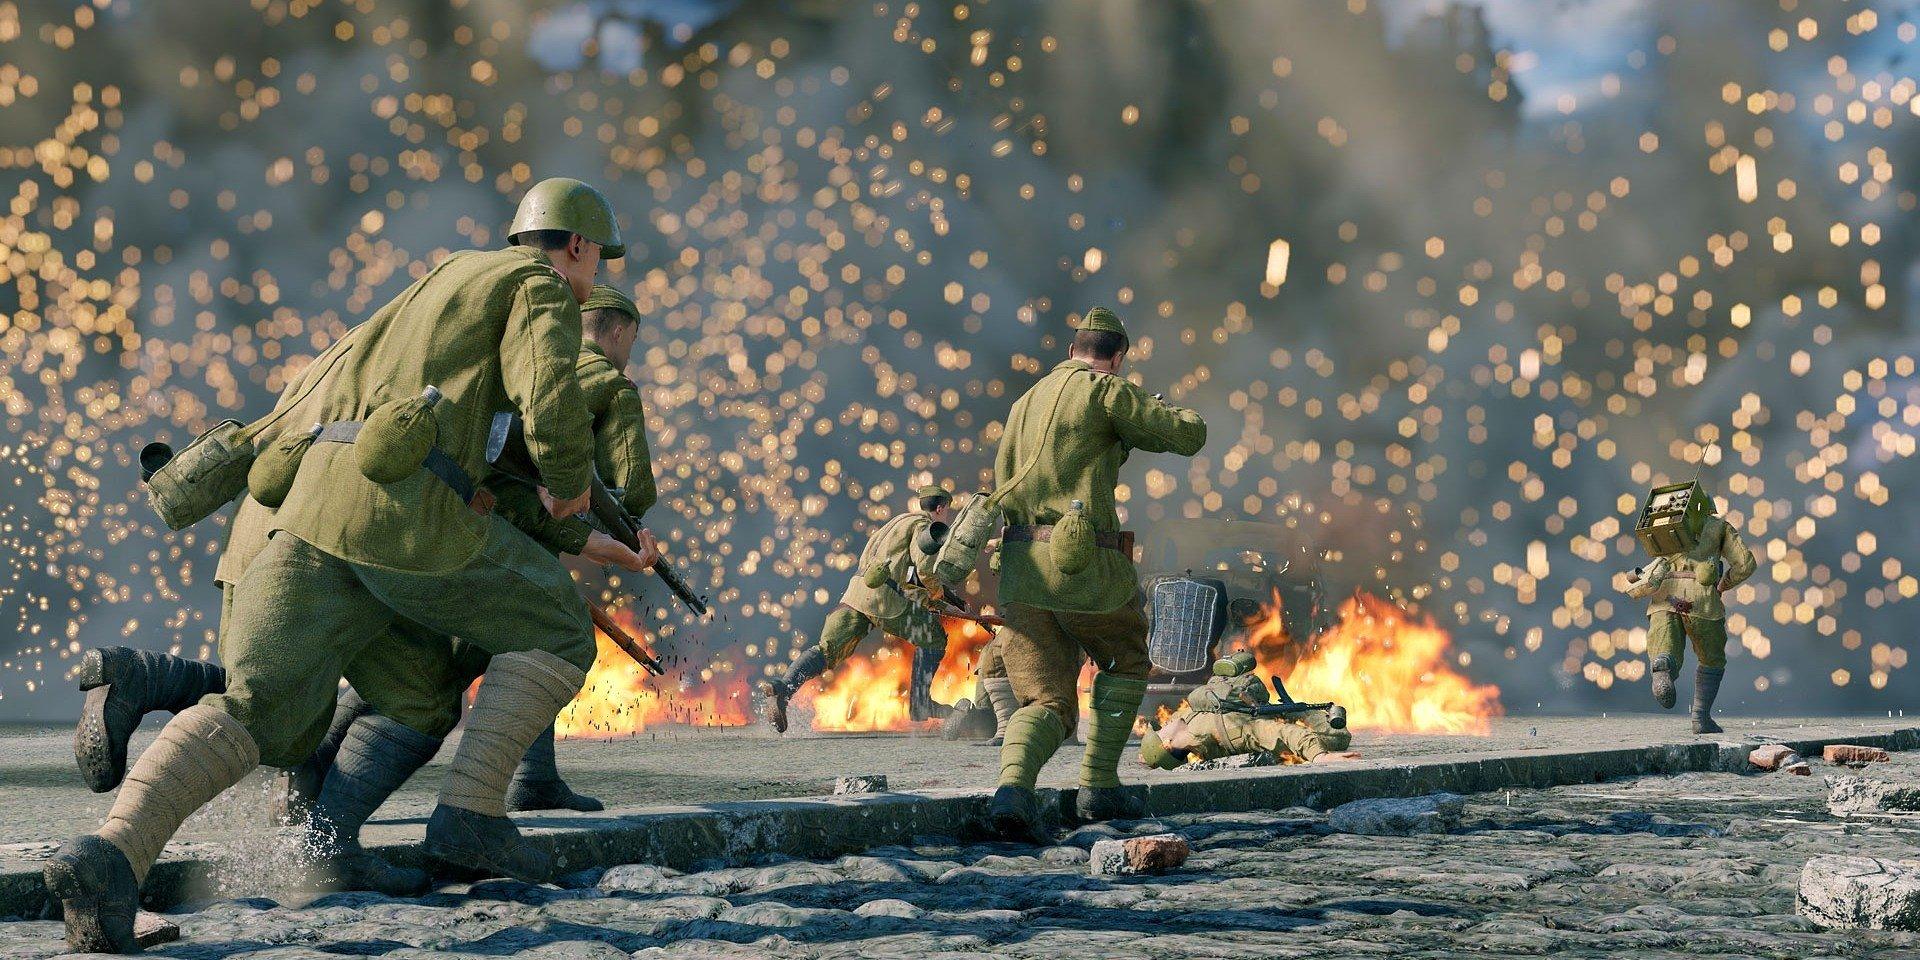 Uzavřené beta testování Battle of Berlin je nyní dostupné pro hráče hry Enlisted